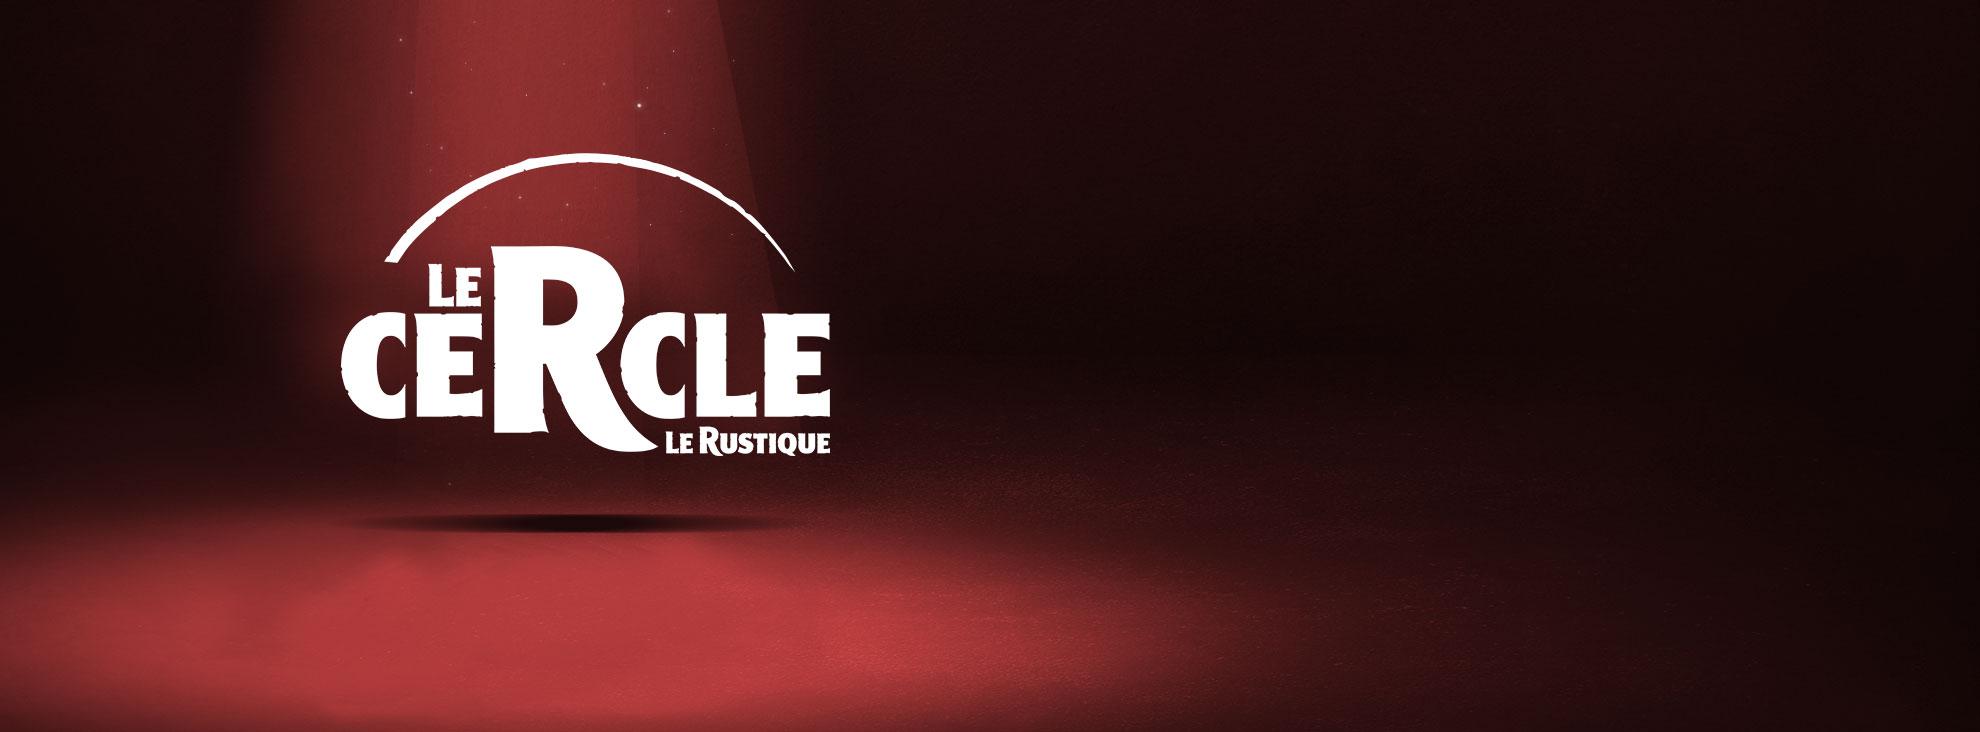 Le Cercle Le Rustique